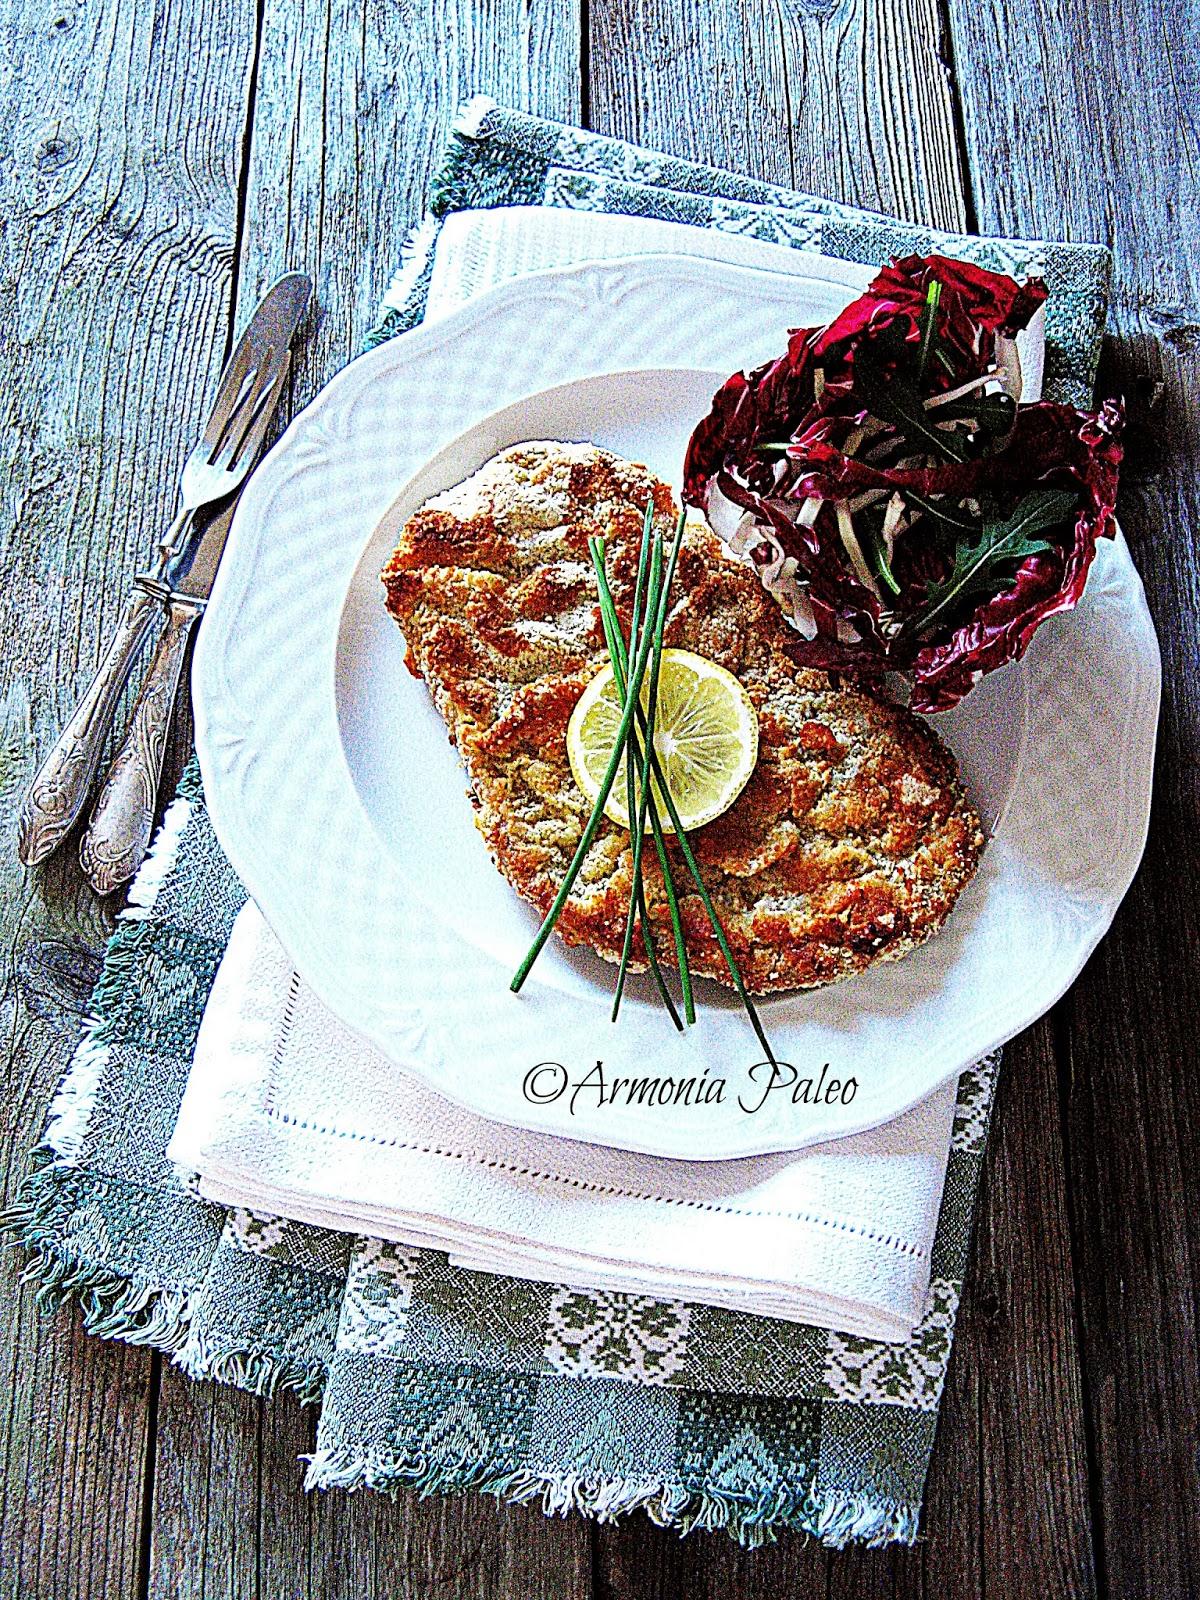 Wiener Schnitzel - Cotoletta alla Viennese di Armonia Paleo